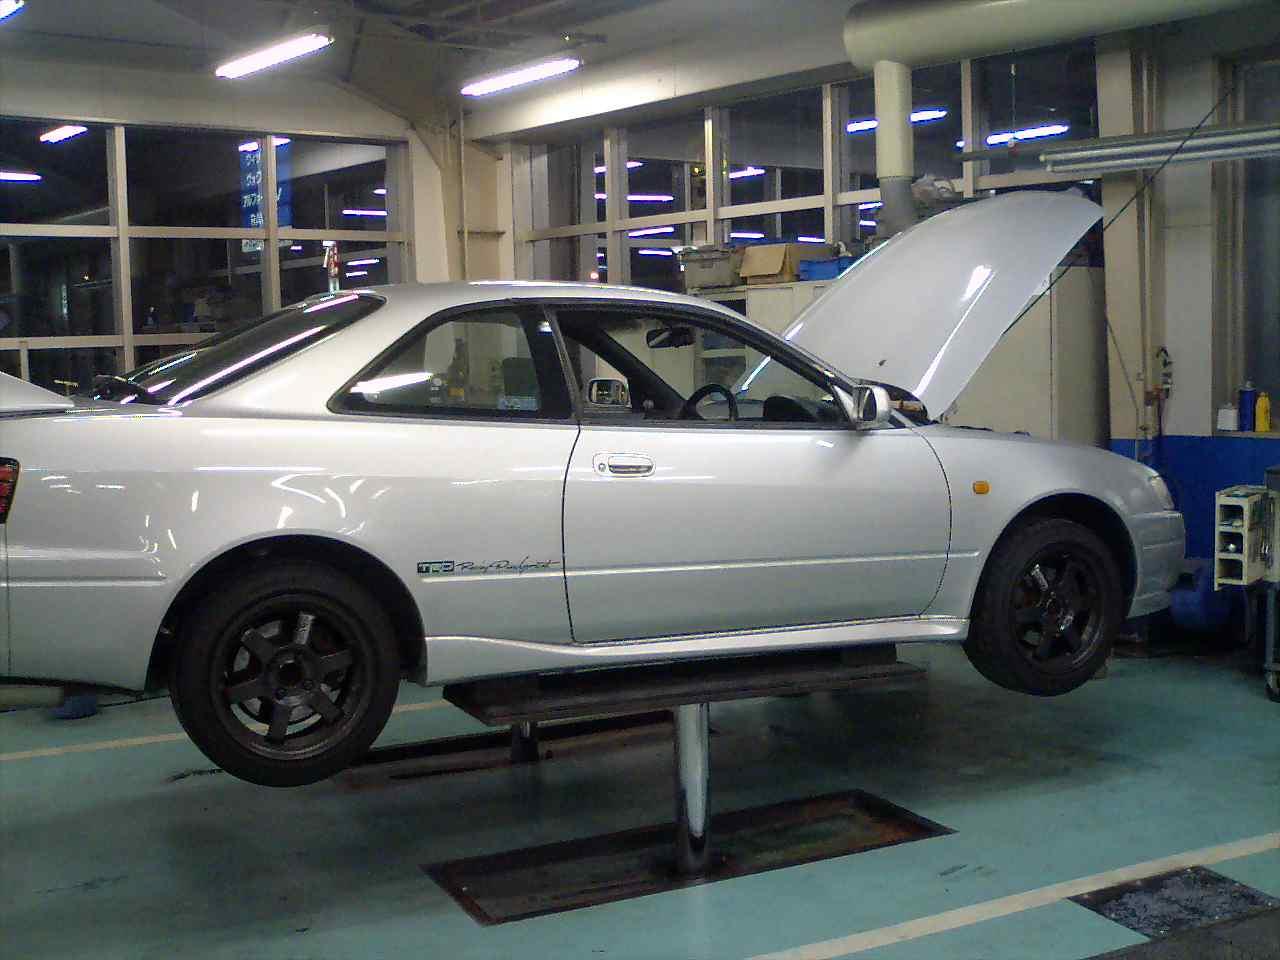 73fa6bebcd この車、買ってから9年目。やっとハブがイカレ始めた。アライメントは崩れるし、意外と工賃&部品が高いし、いいことない。とりあえず、Fr左交換。